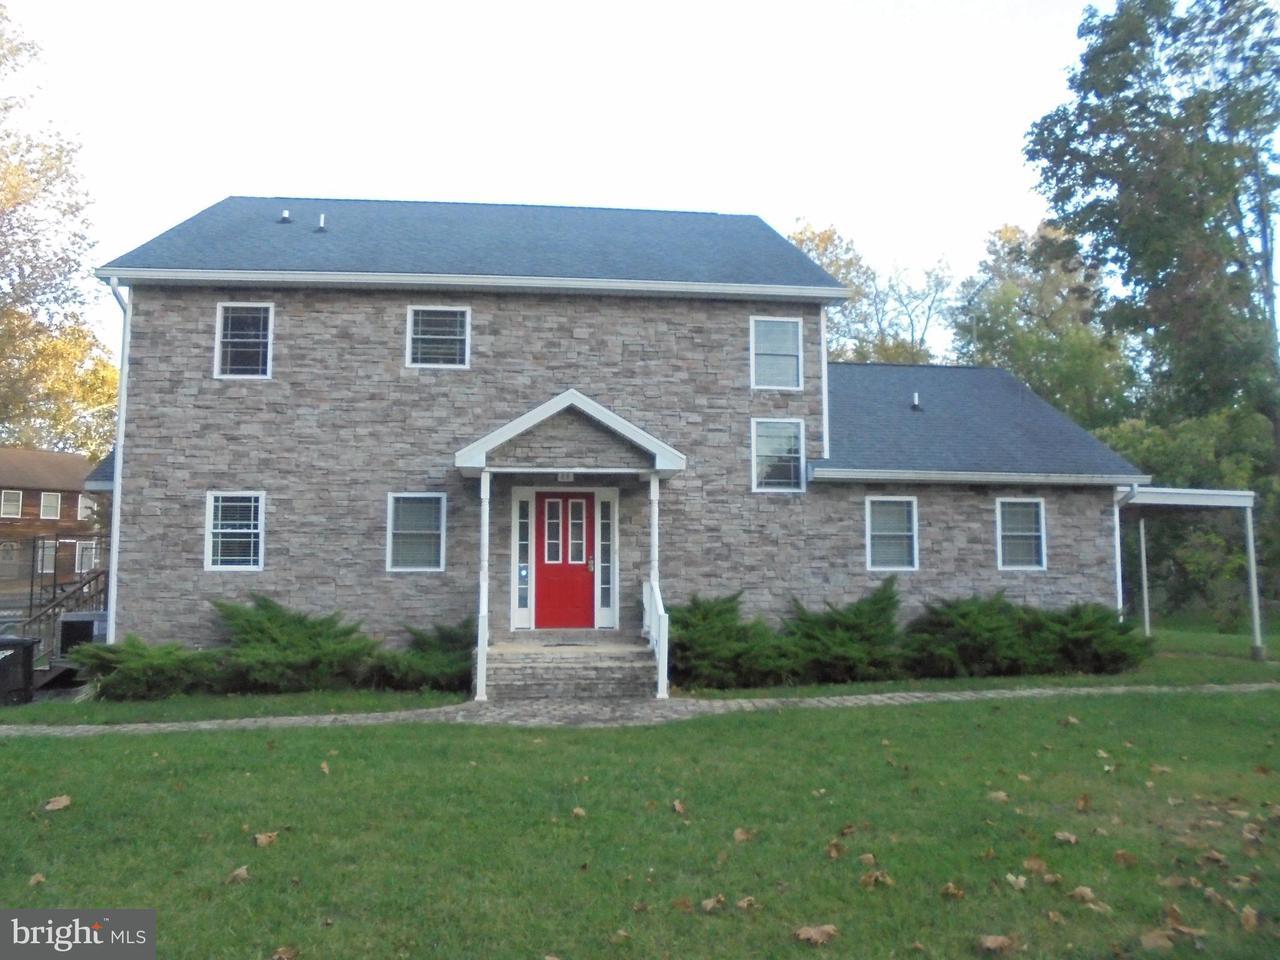 獨棟家庭住宅 為 出售 在 80 NATALIE Lane 80 NATALIE Lane Harpers Ferry, 西佛吉尼亞州 25425 美國